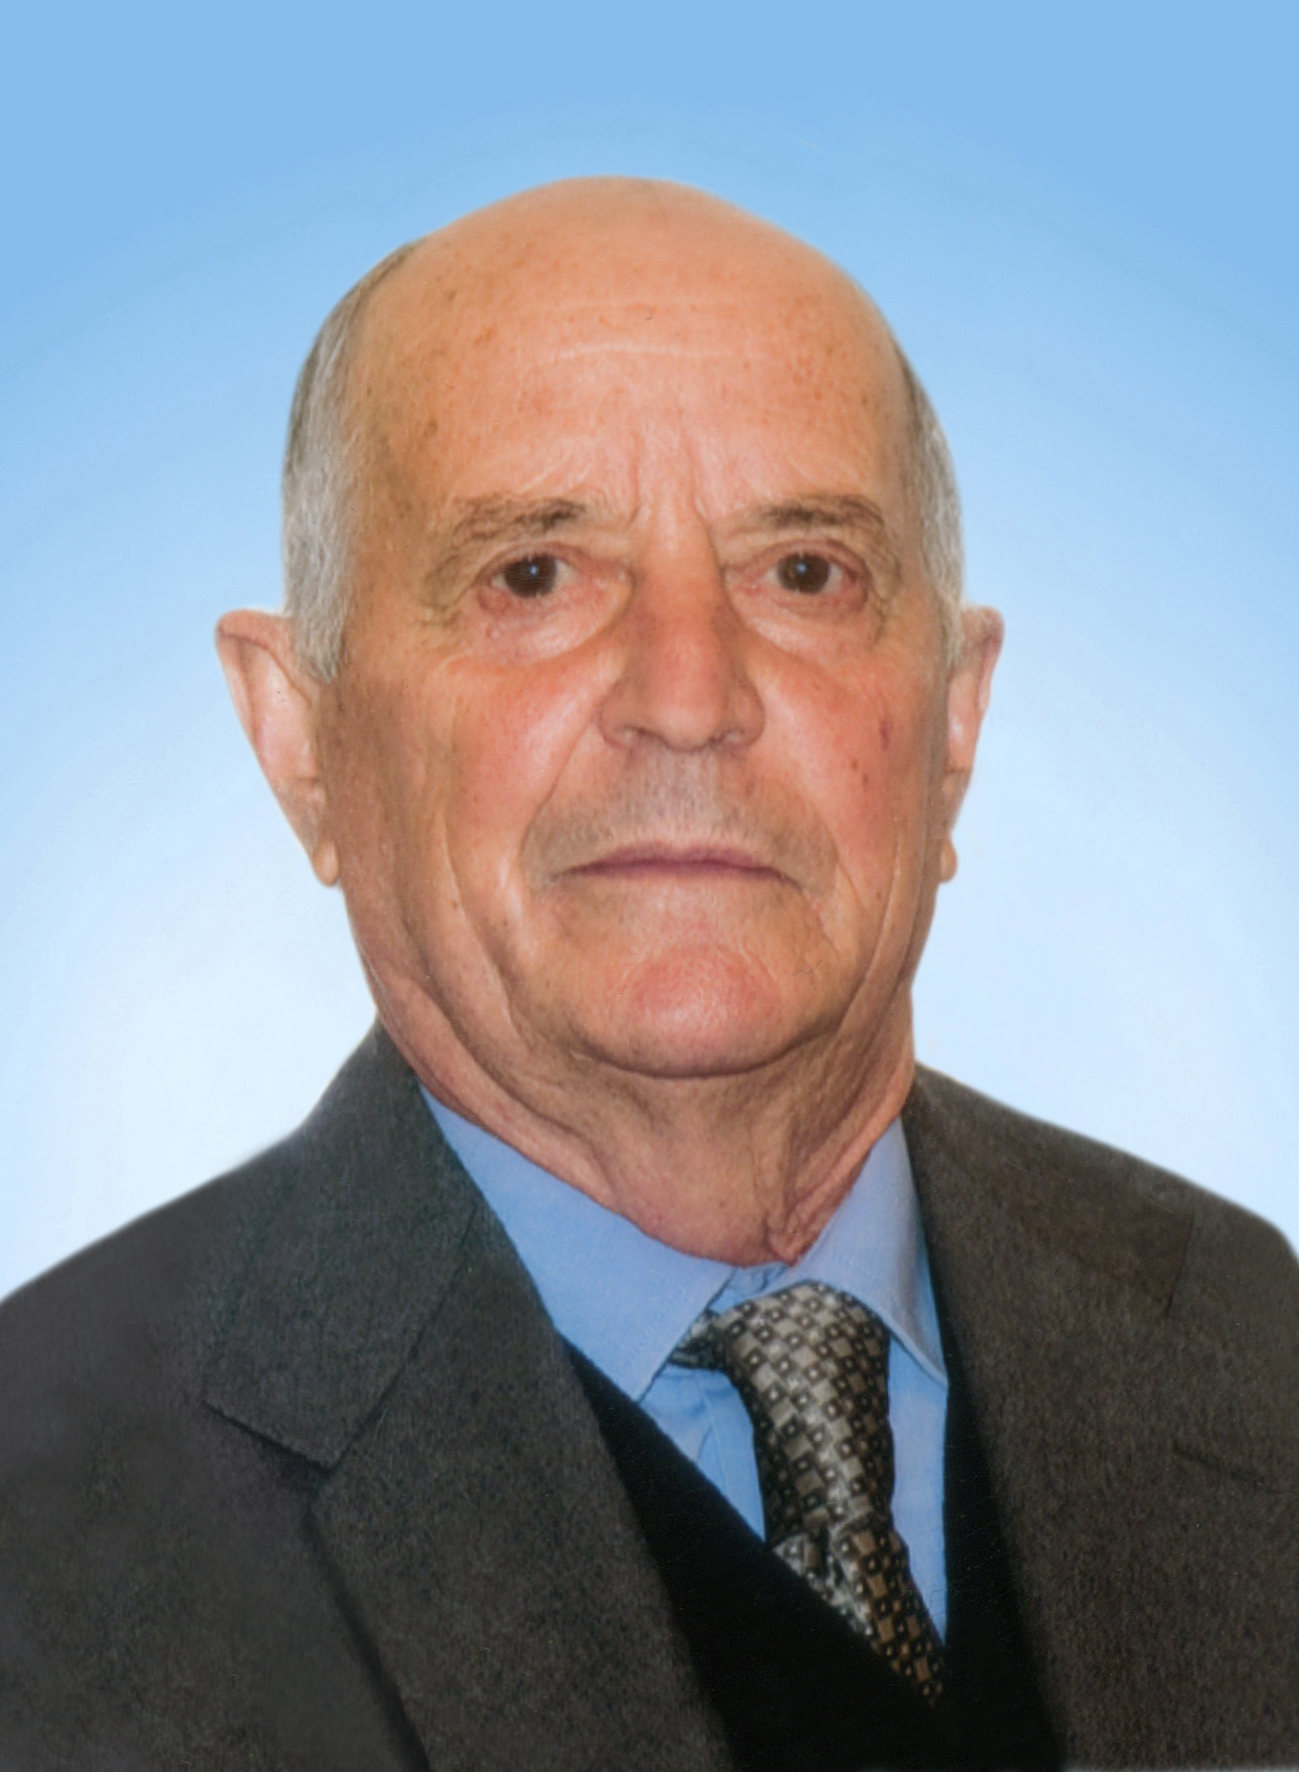 TRUMELLO CALOGERO